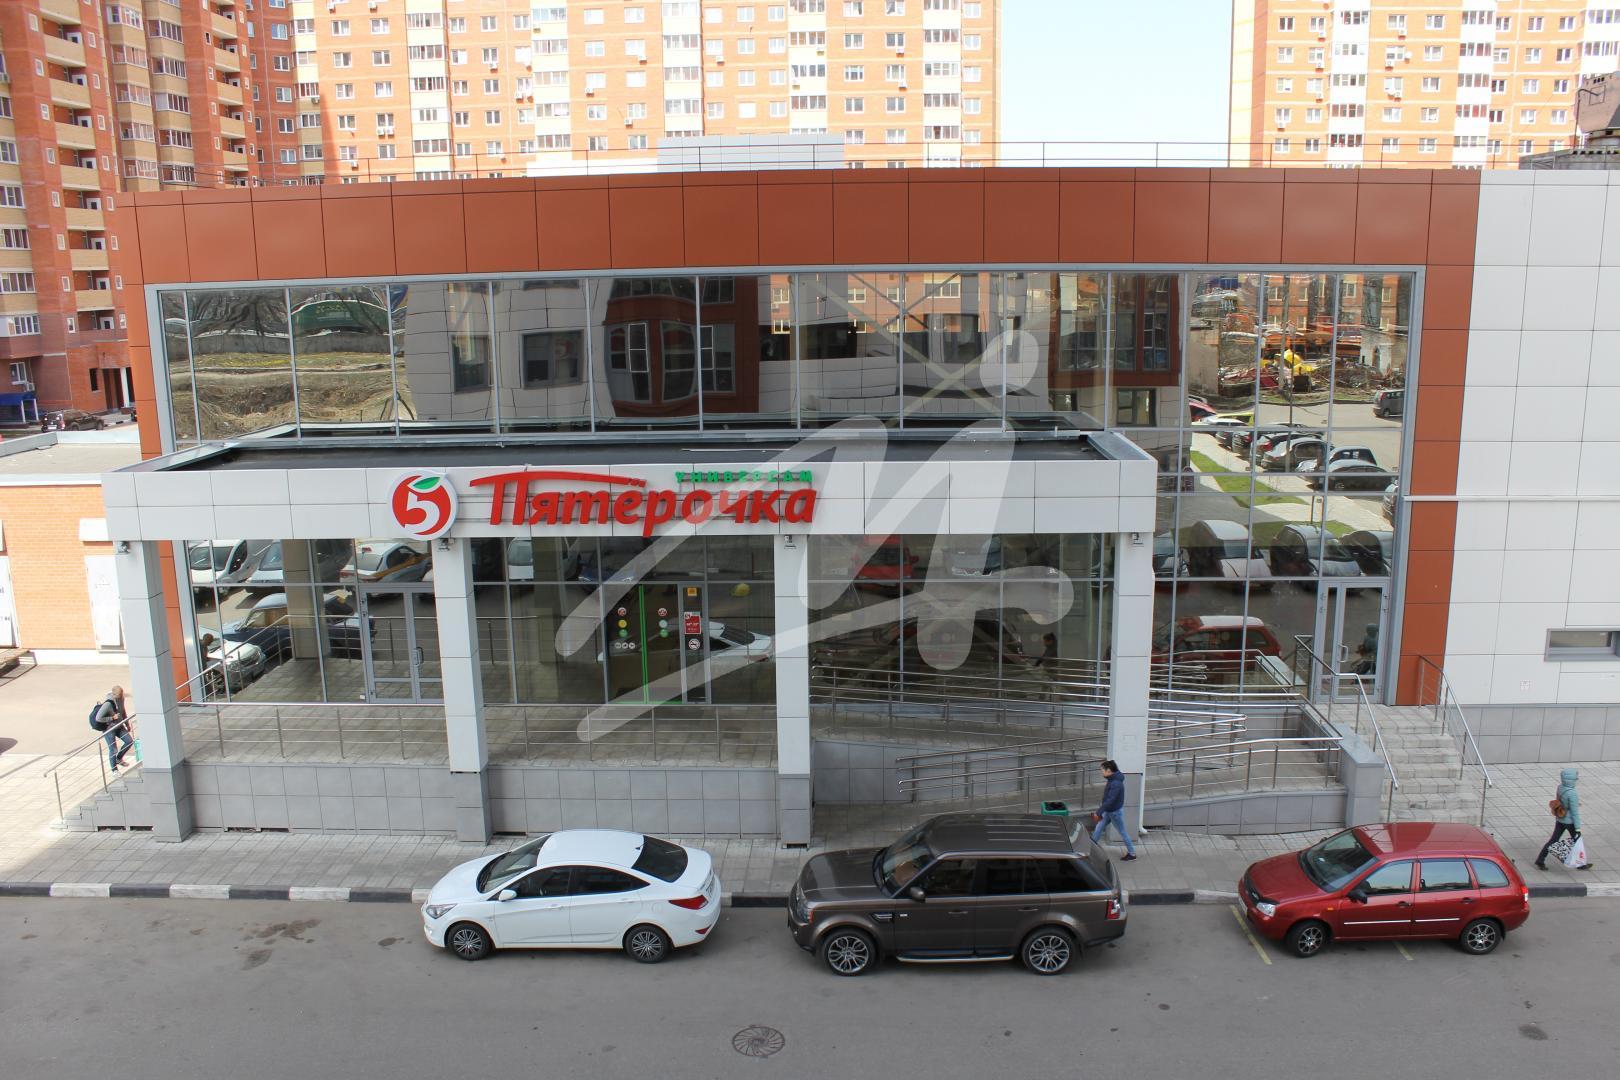 Free Purpose в аренду по адресу Россия, Московская область, городской округ Балашиха, Балашиха, проспект Ленина, 78